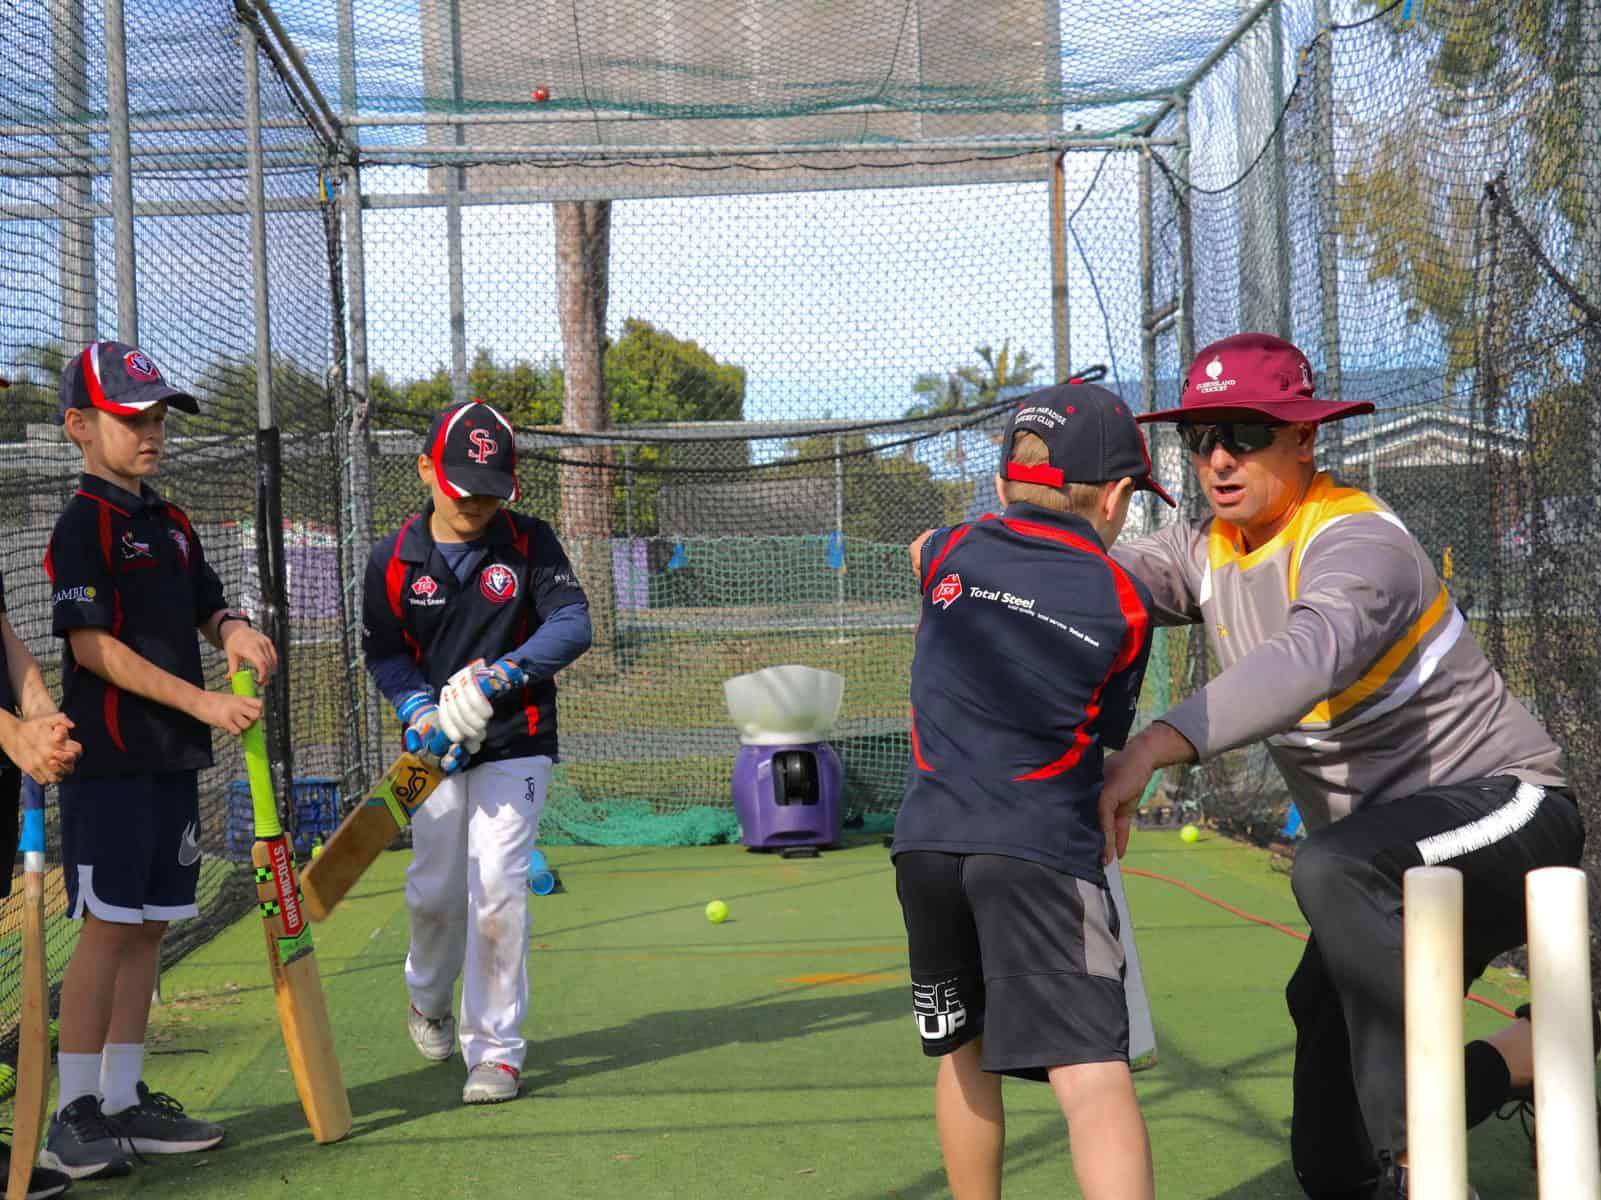 brisbane-cricket-coach